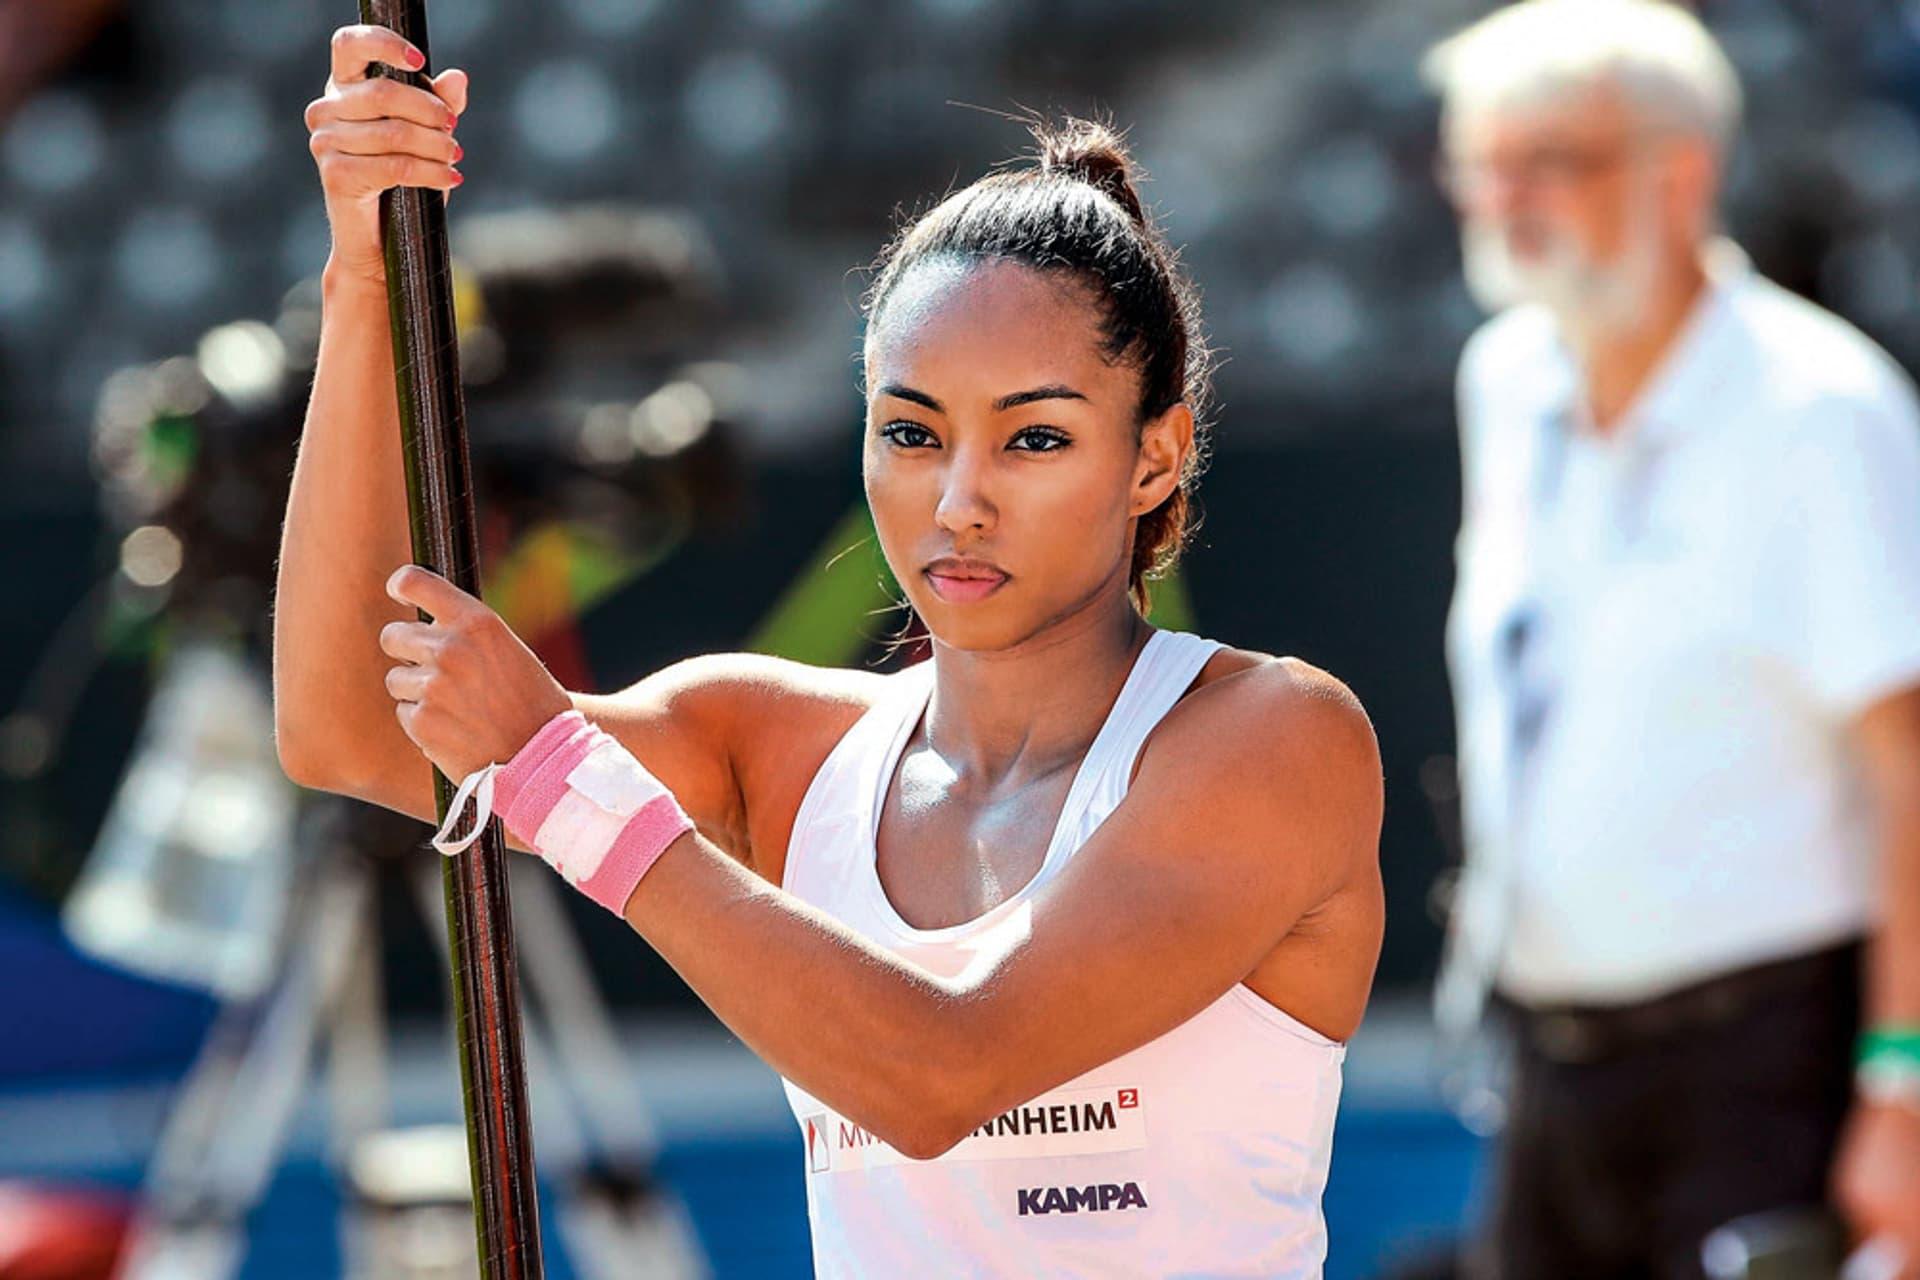 Eine schwarze Frau in Sportkleidung und mit strengem Zopf hält einen Stab in der Hand